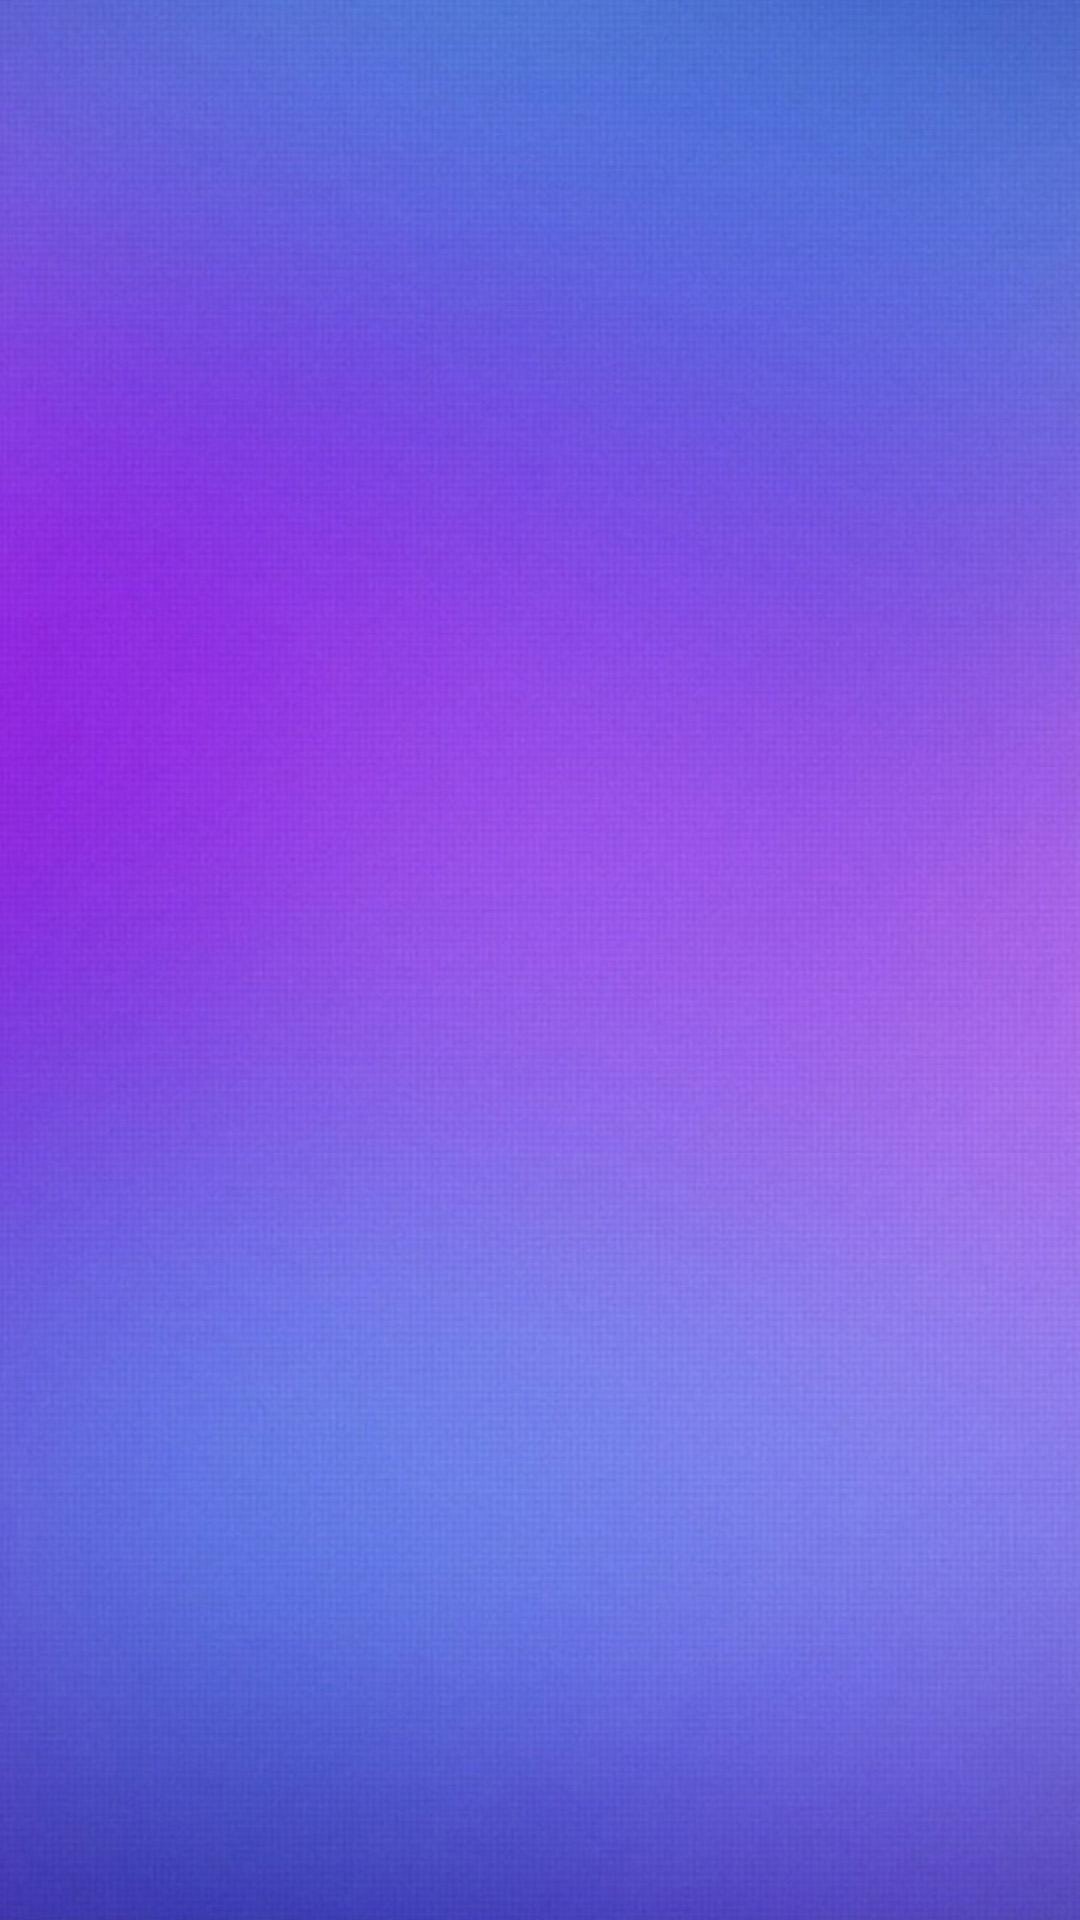 Pastel background Nexus 5 Wallpapers Nexus 5 wallpapers and 1080x1920